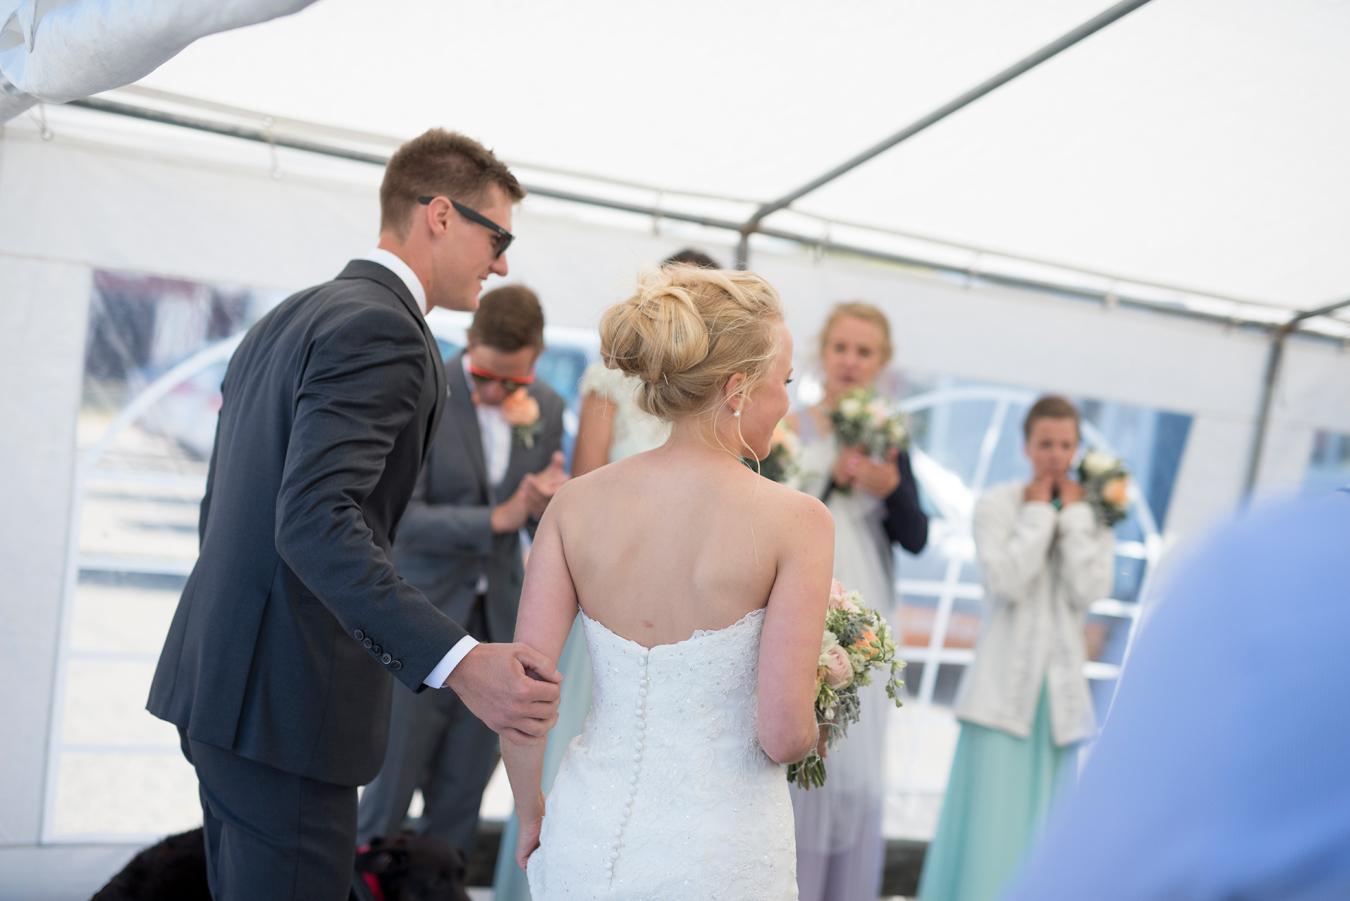 052-bröllopsfotograf-ulebergshamn-göteborg-neas-fotografi.jpg